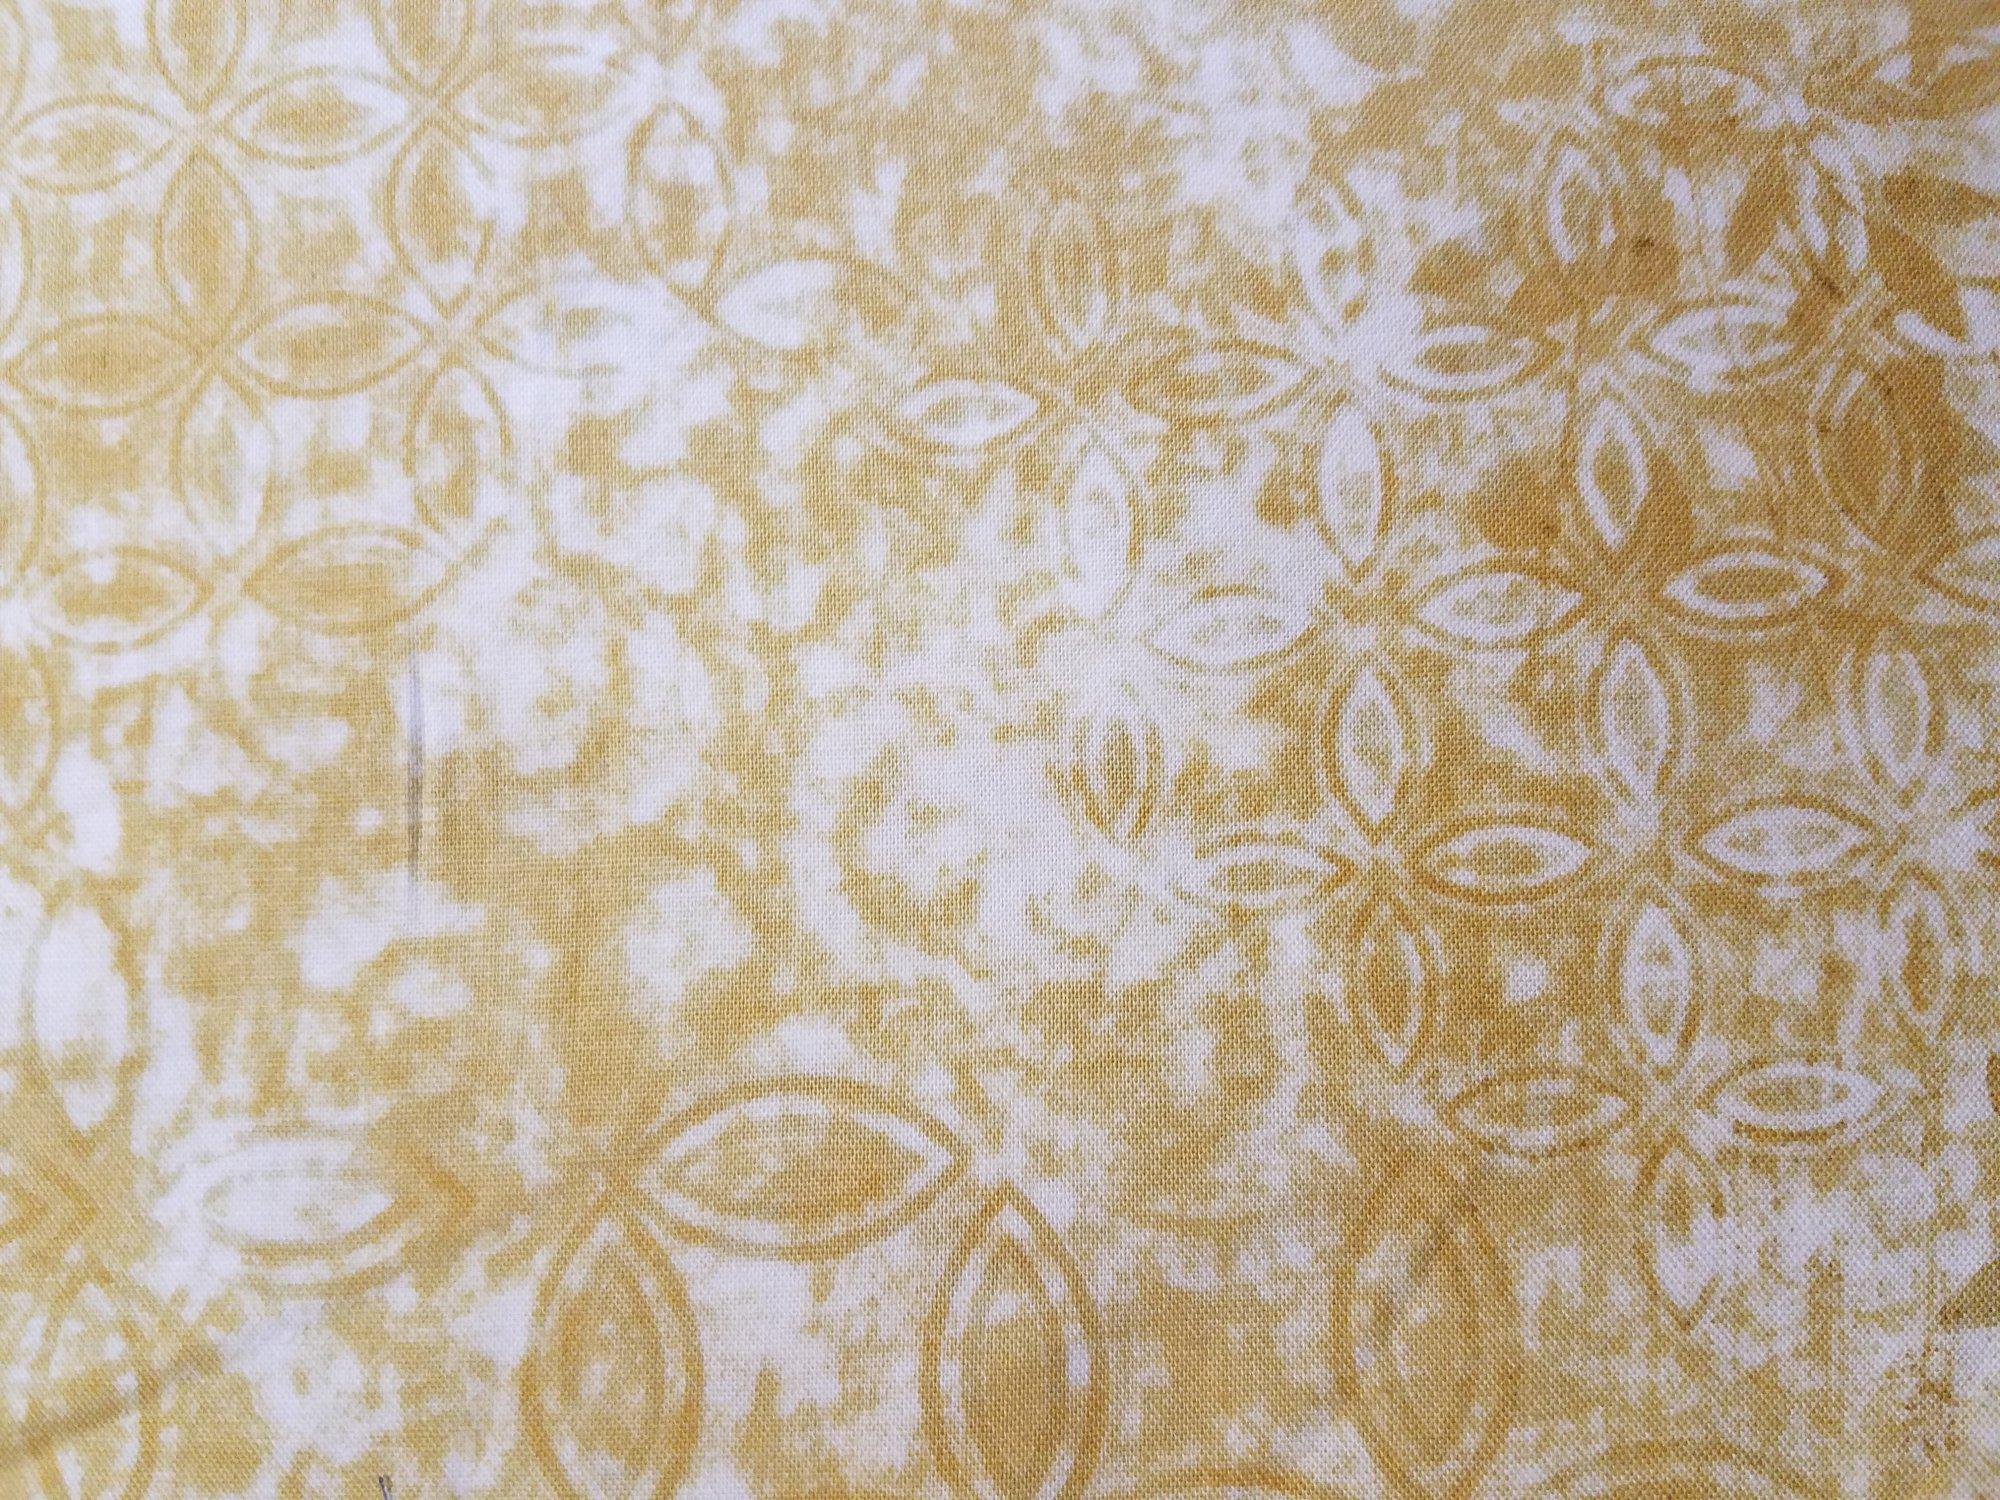 1649-24362-E Scrollscapes